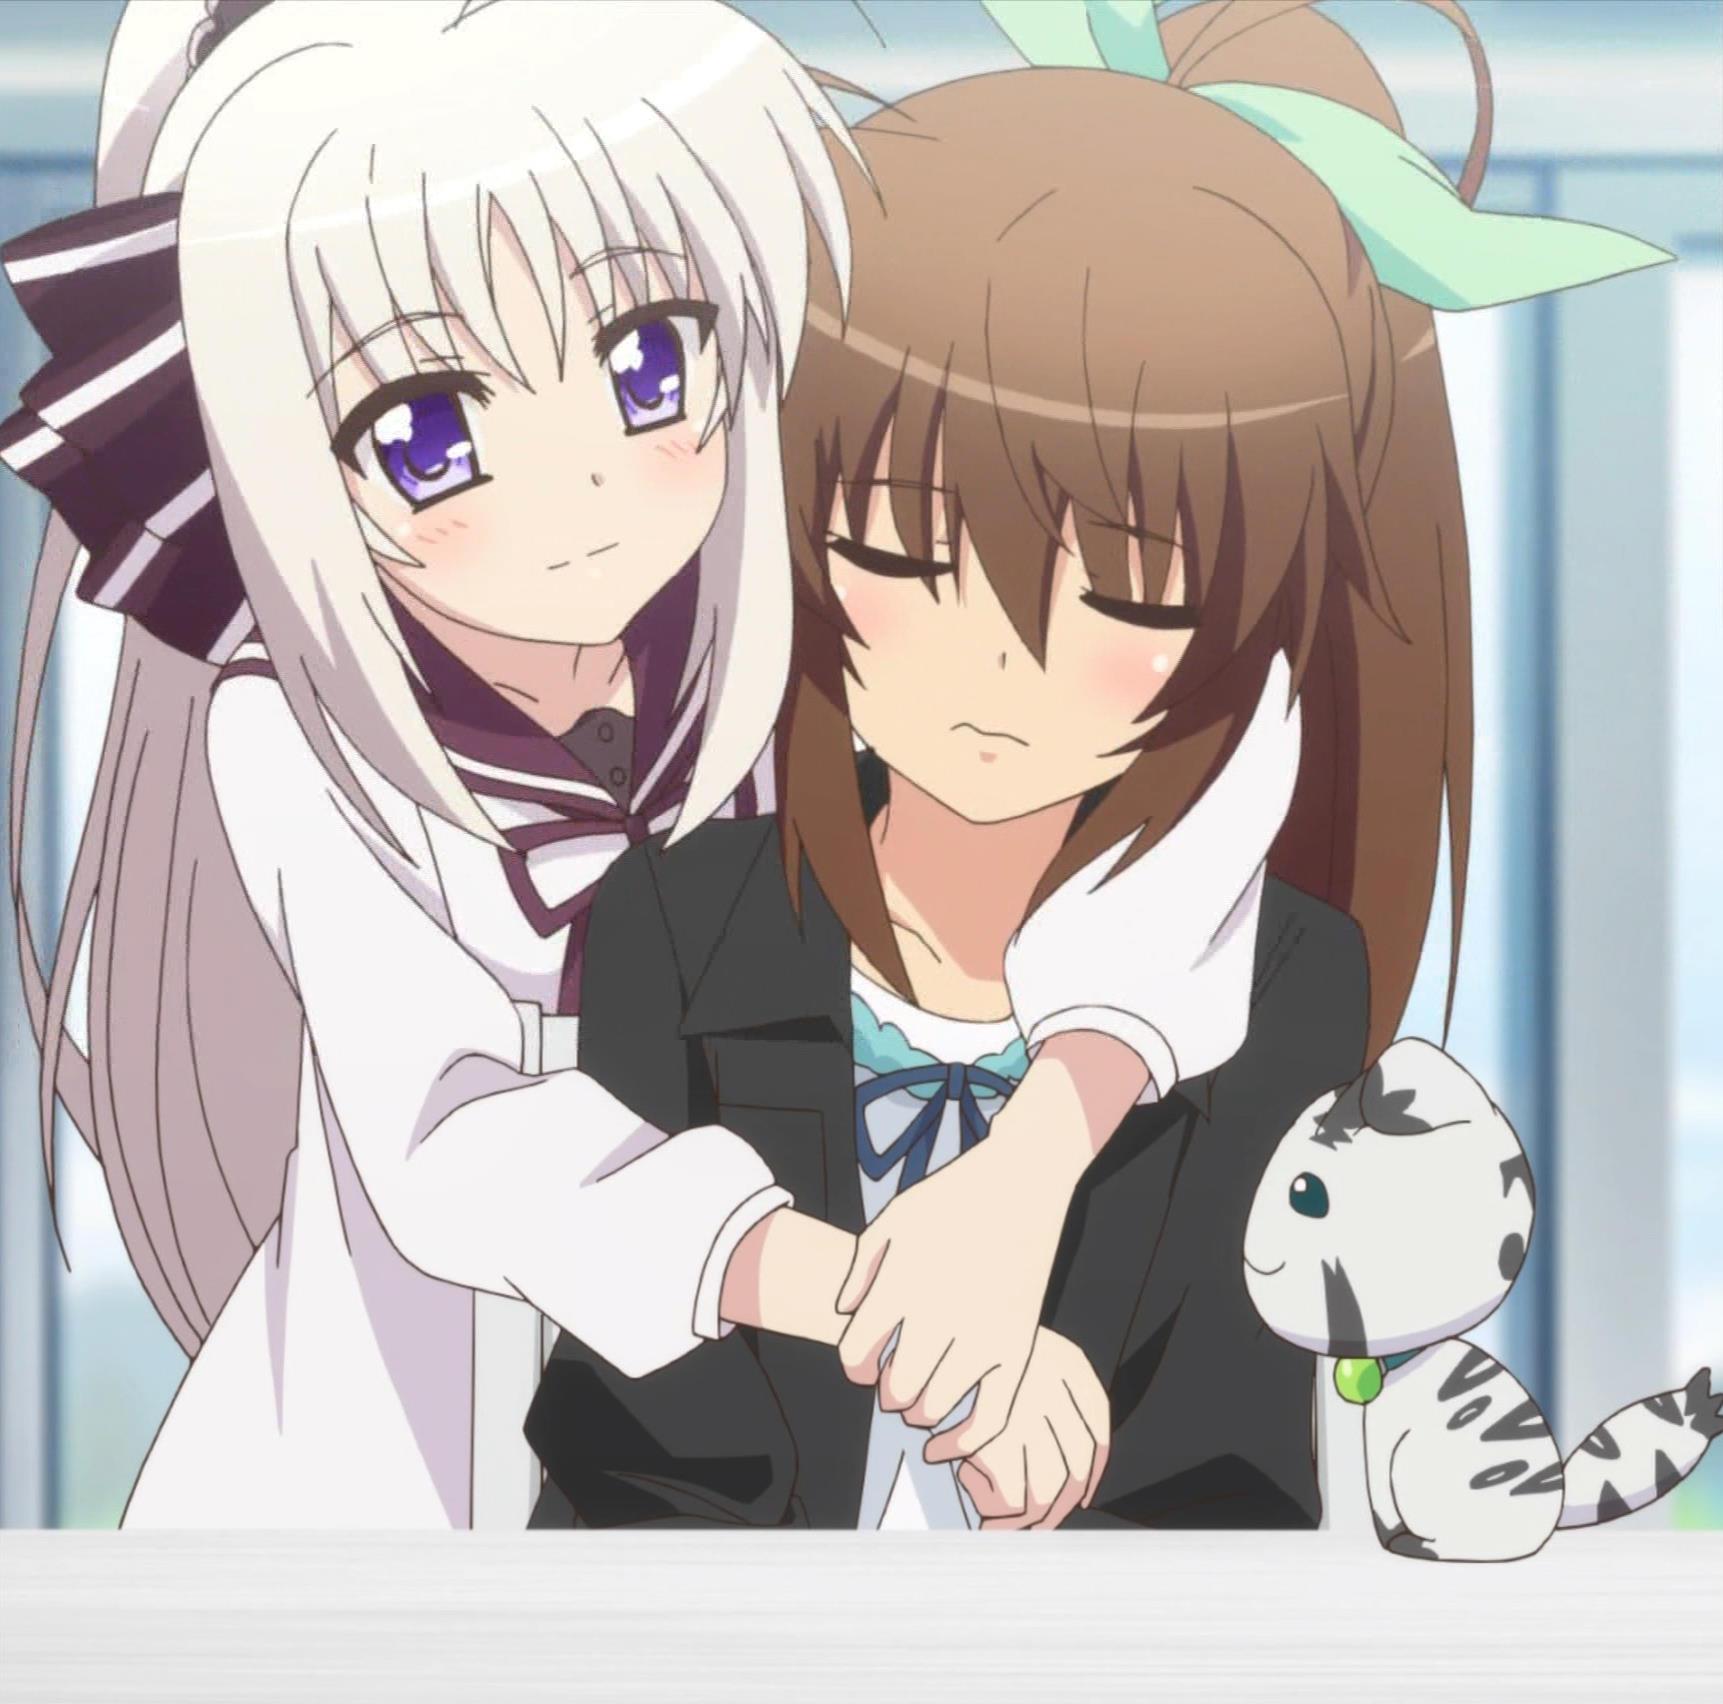 フーカを抱きしめるリンネ(第12話画像)